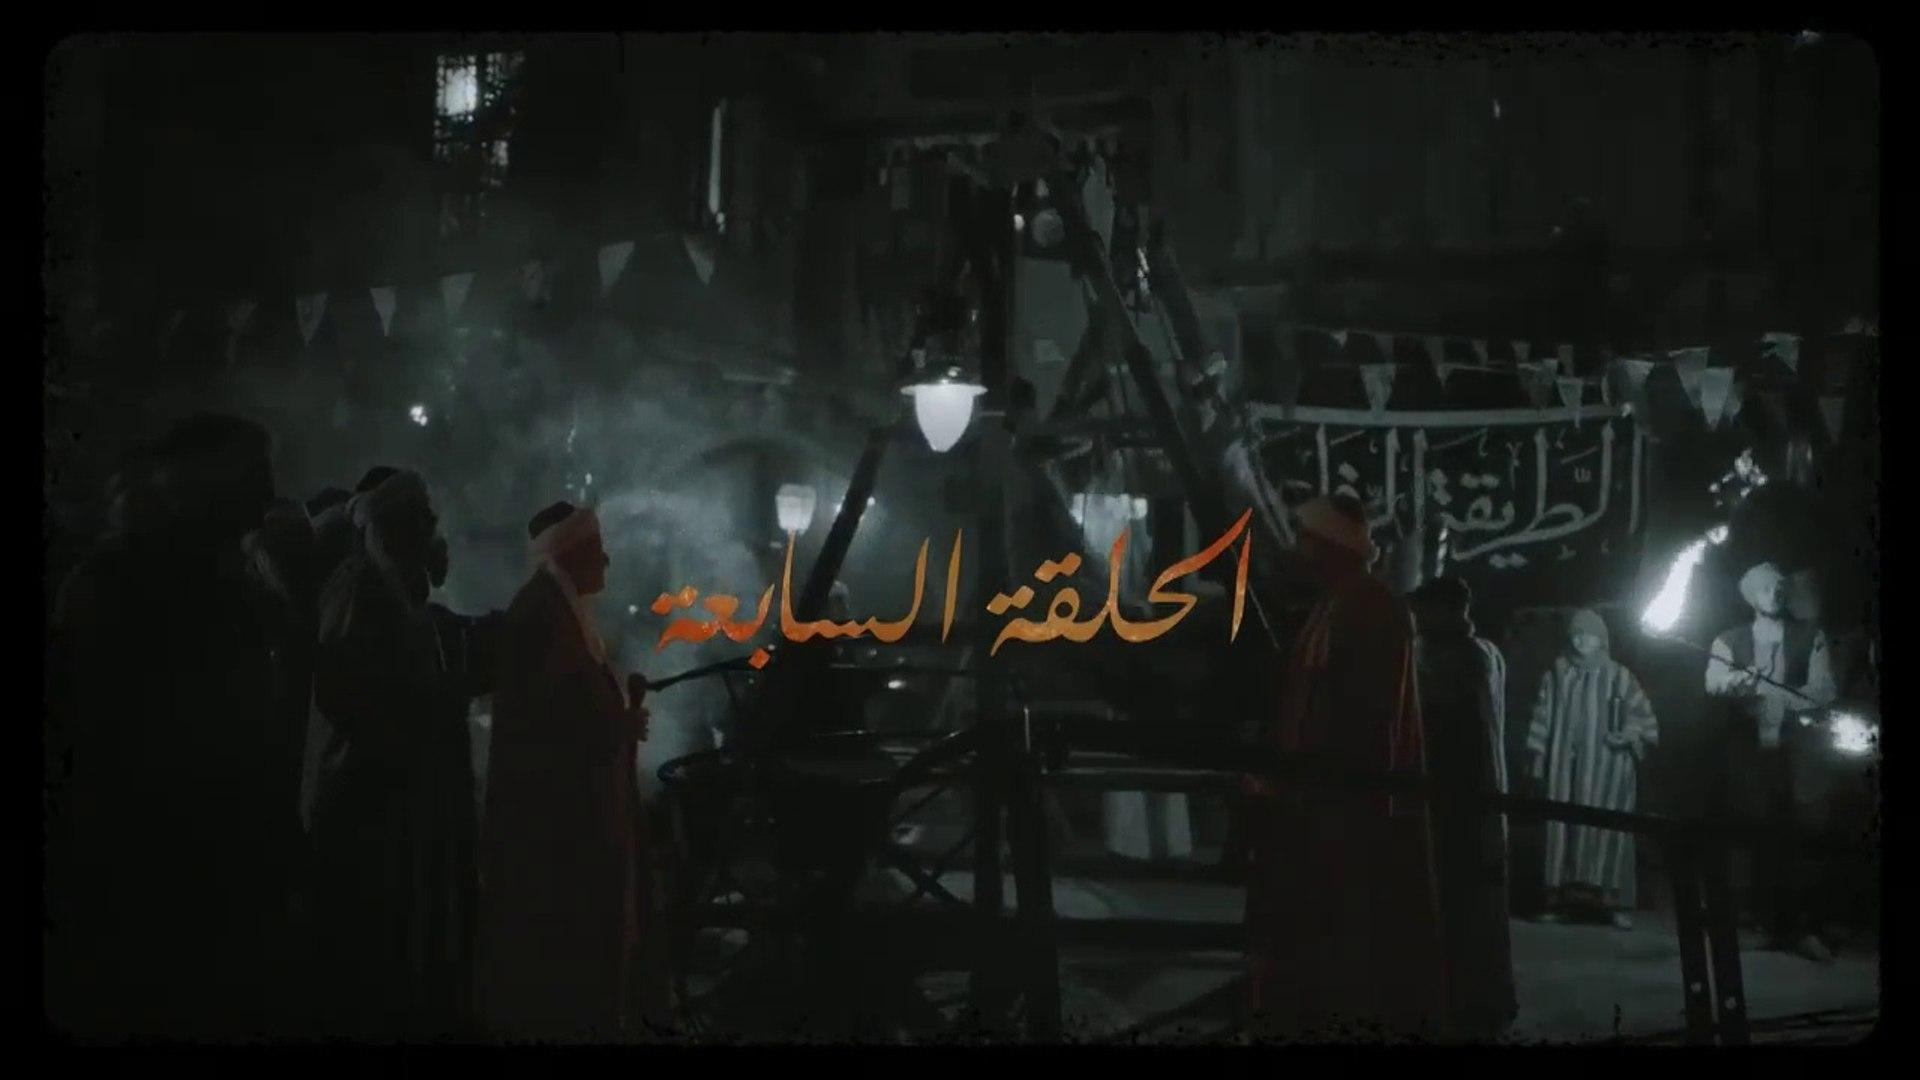 مسلسل الفتوة الحلقة 7 HD - مسلسل الفتوة الحلقة 7 السابعة ياسر جلال رمضان 2020